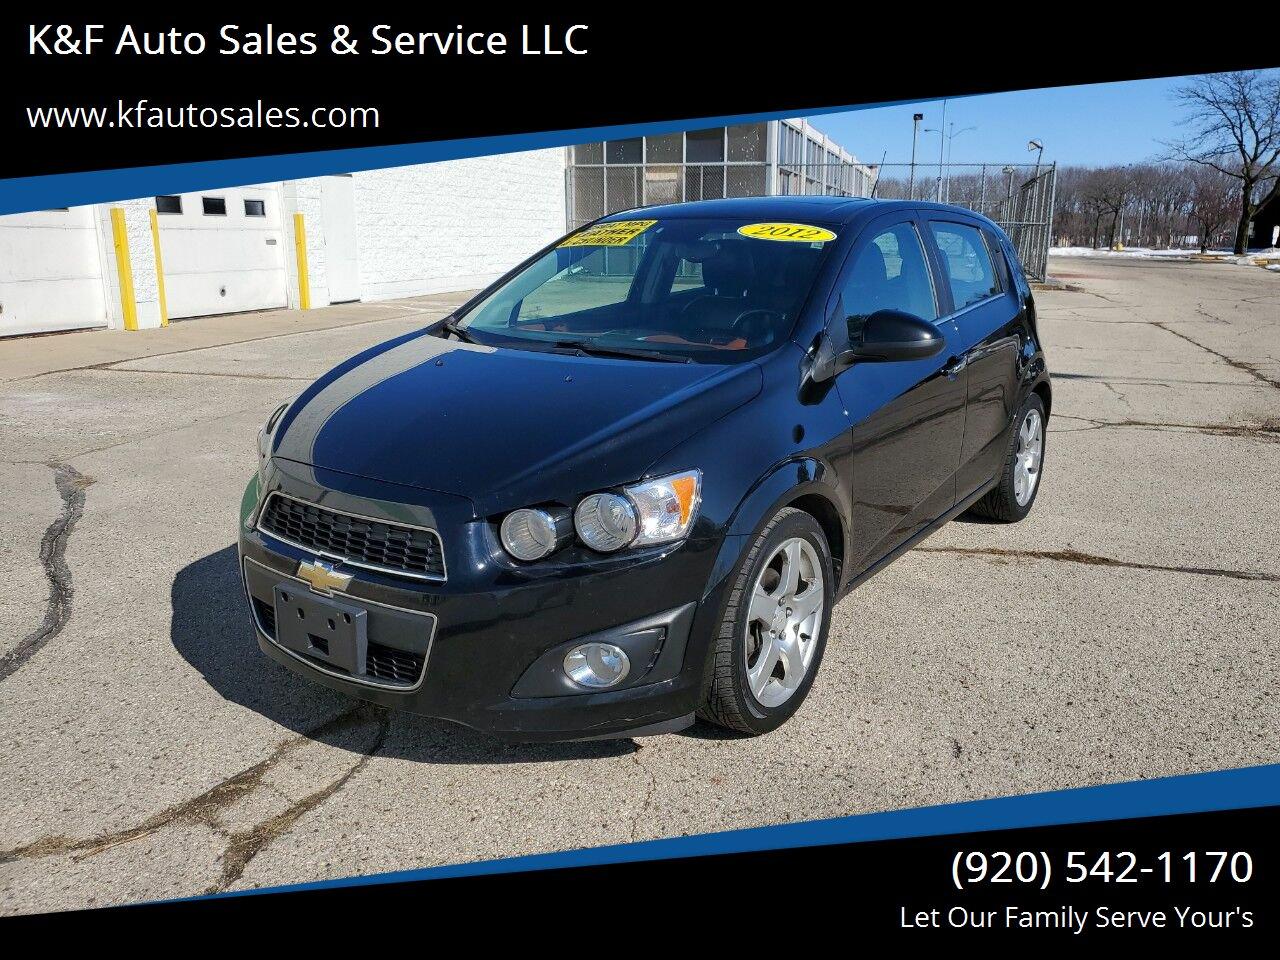 2012 Chevrolet Sonic LTZ 1LZ Hatchback FWD